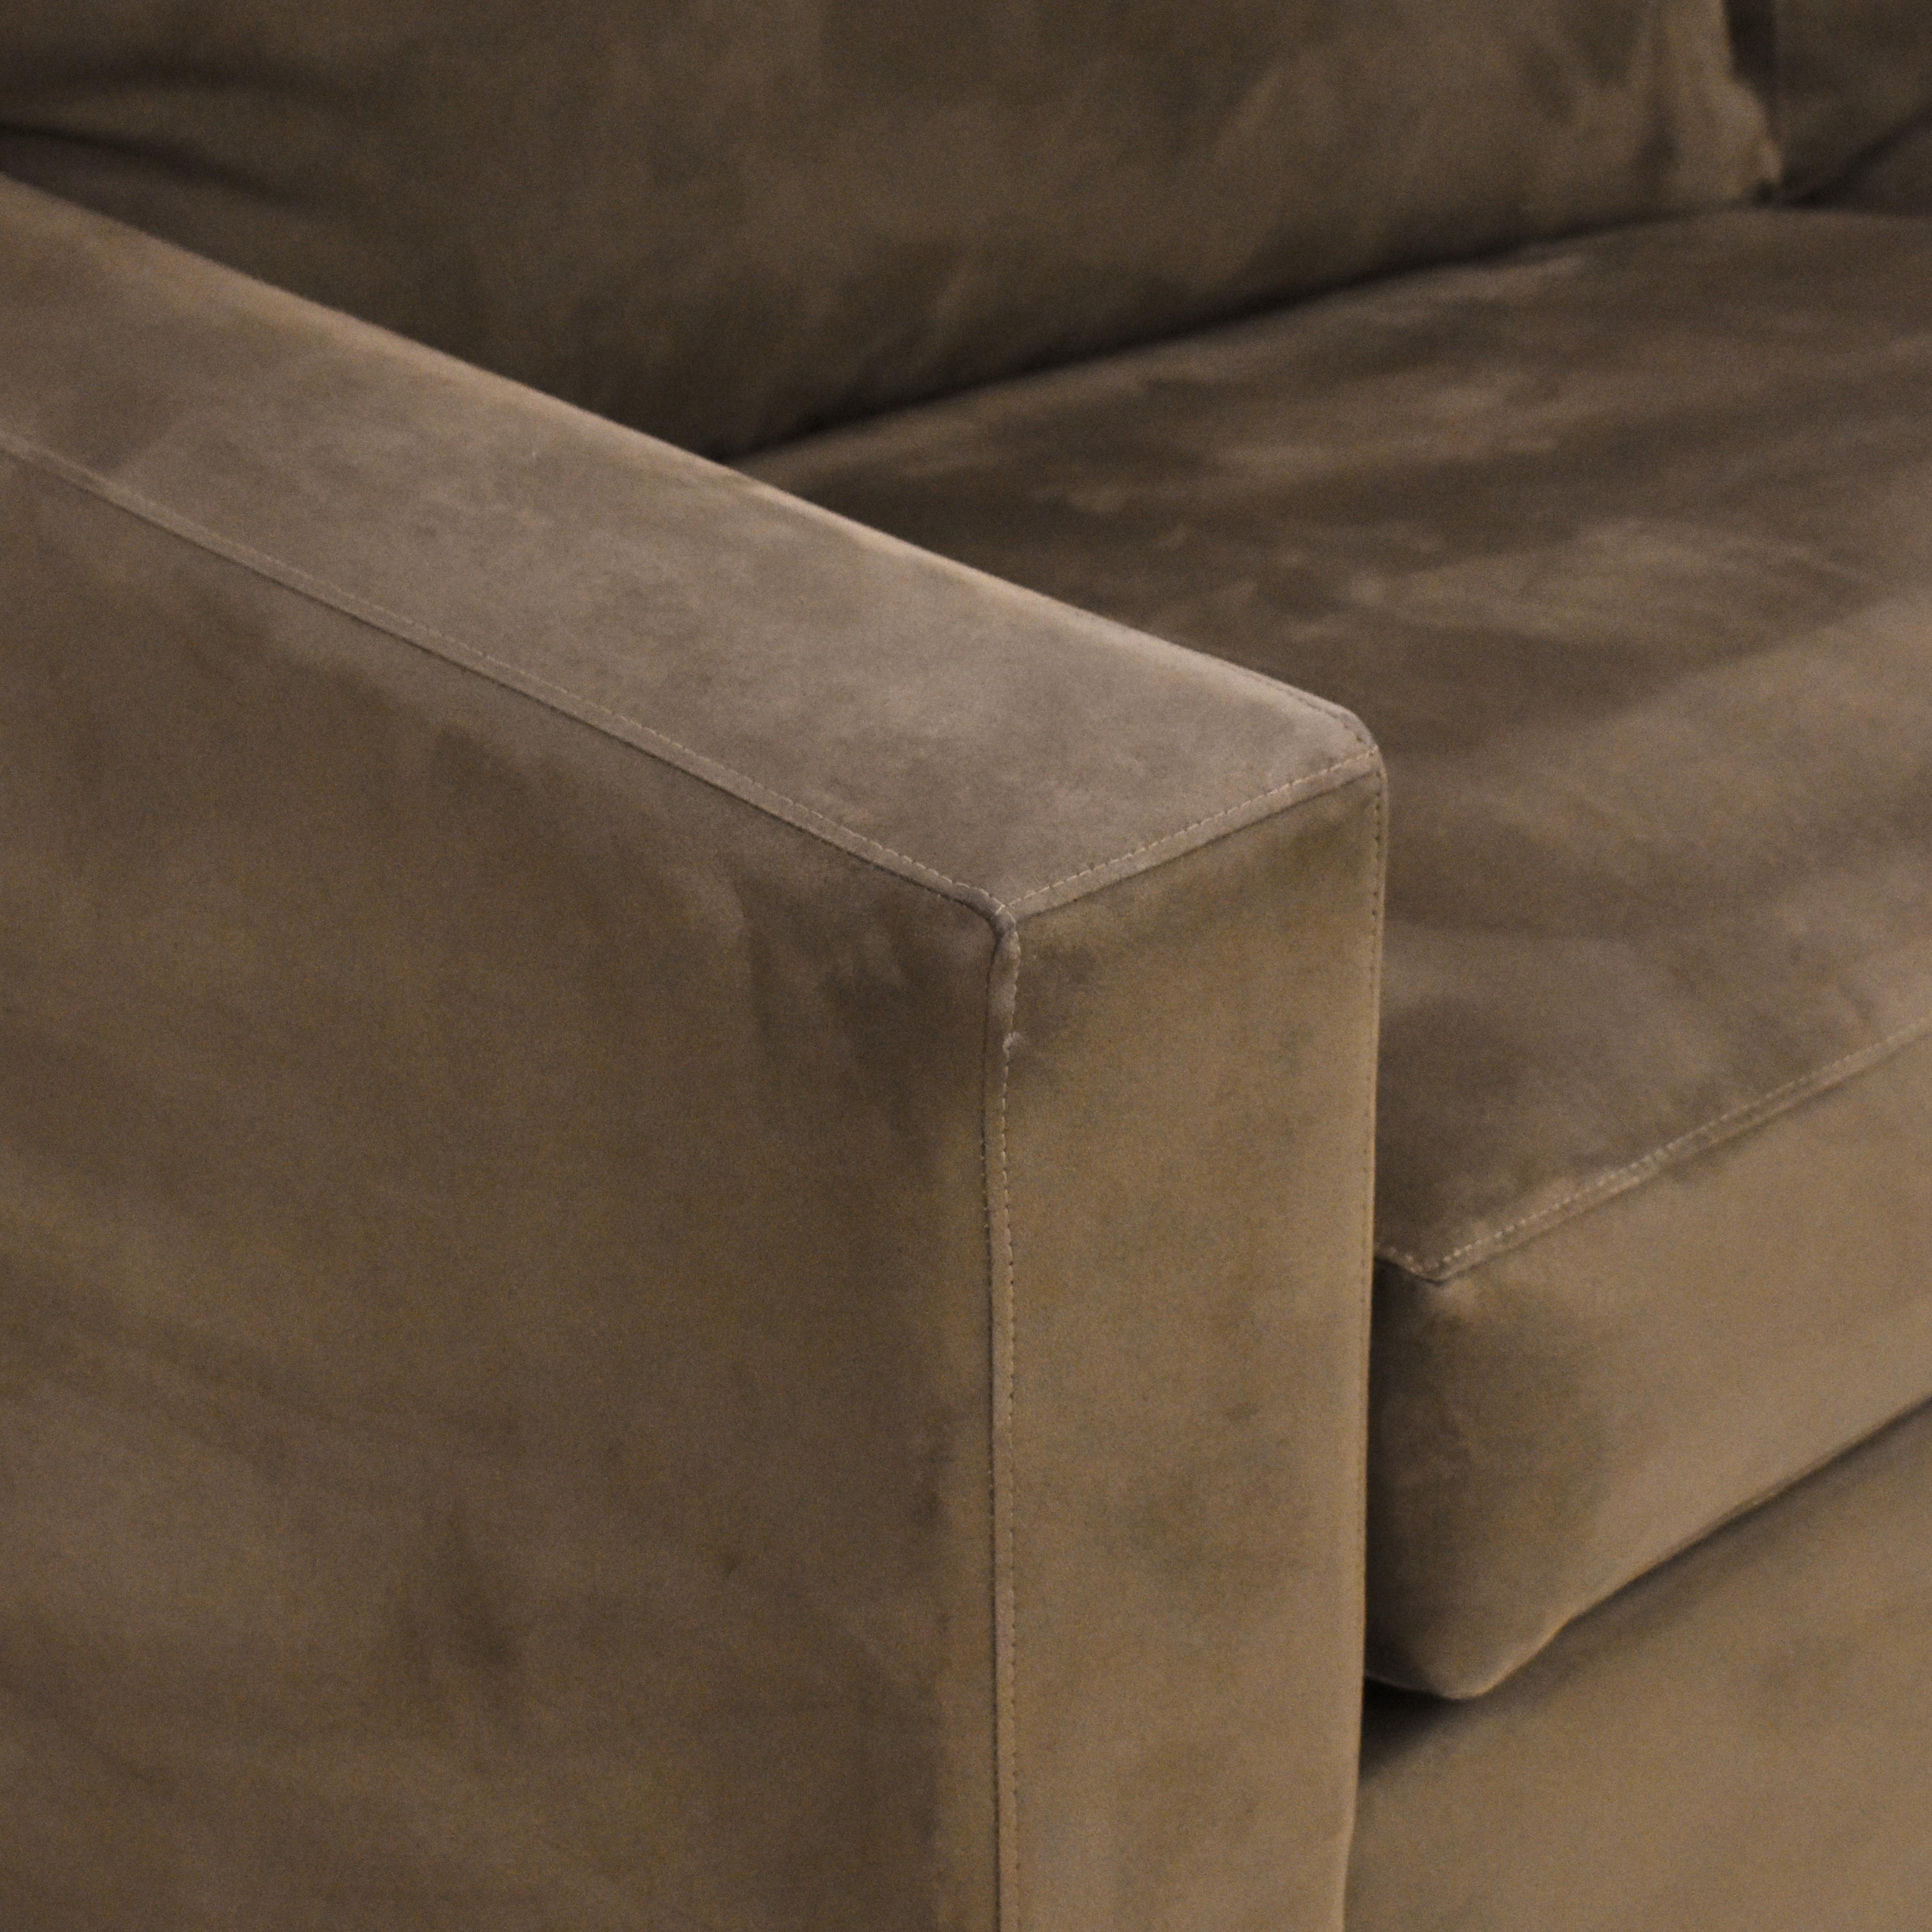 buy Crate & Barrel Crate & Barrel Axis II Queen Sleeper Sofa online